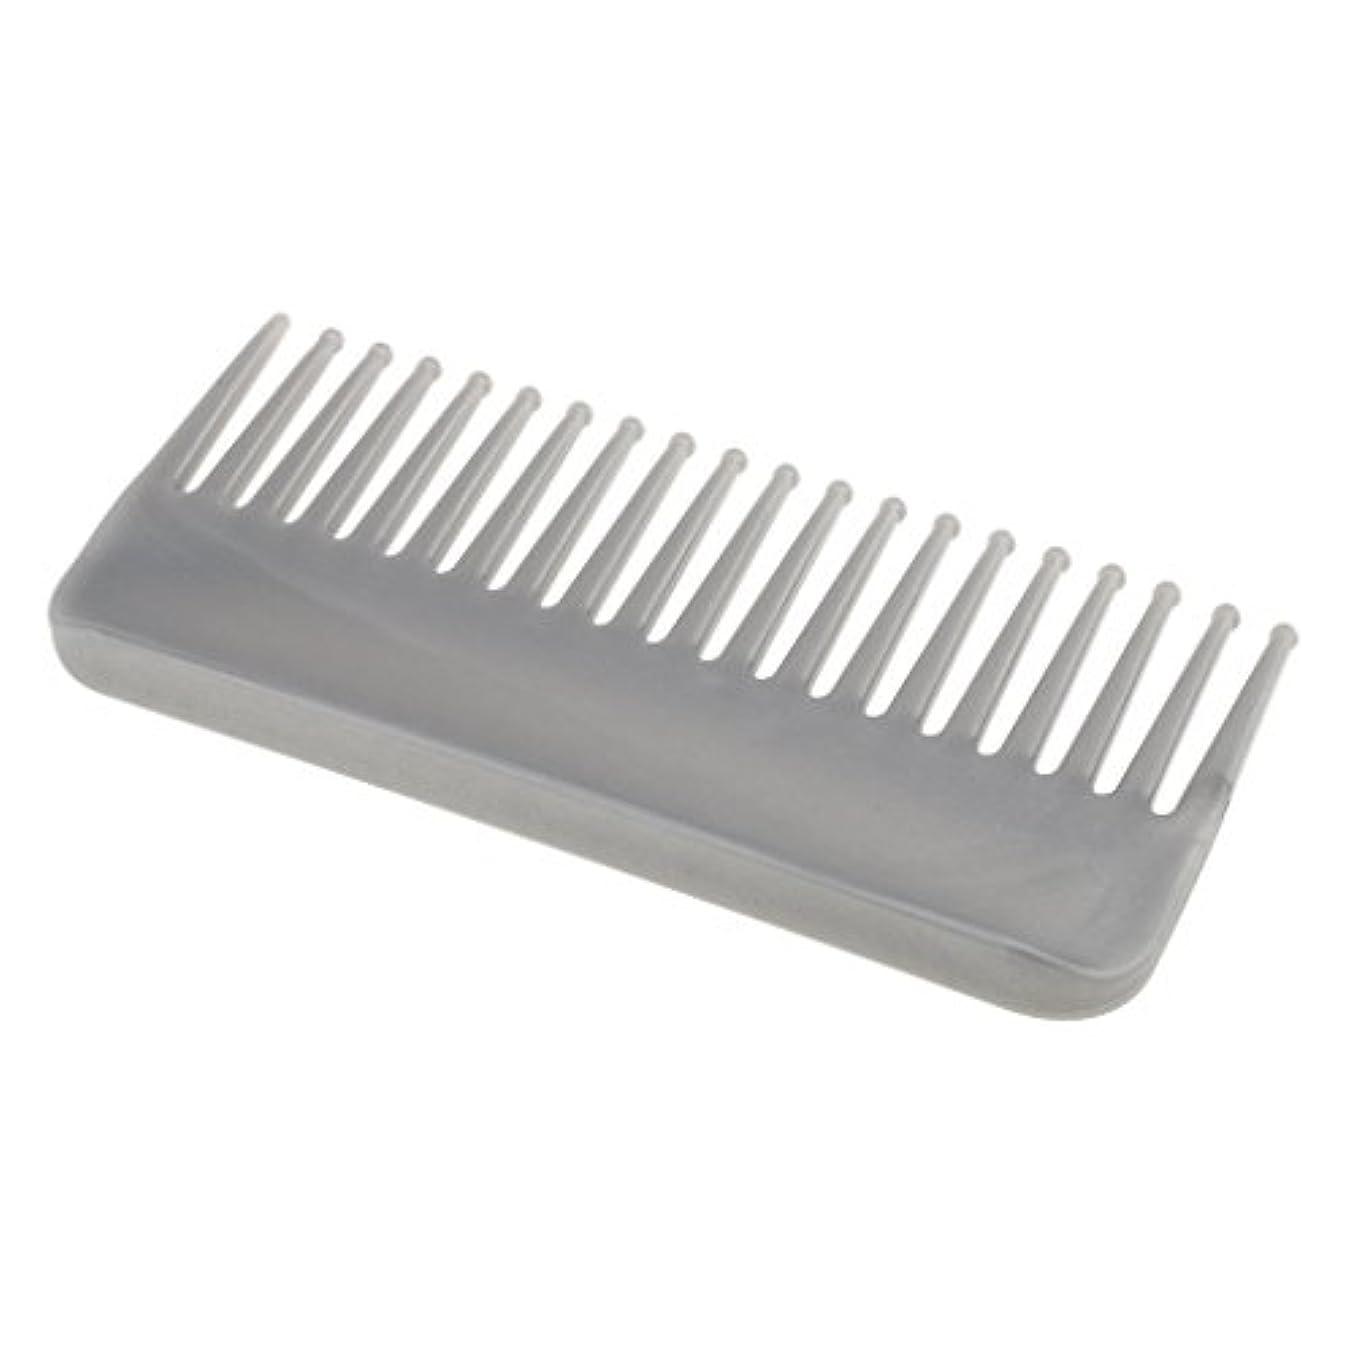 壊れた見物人インセンティブCUTICATE プラスチック製の絡みのない広い歯のヘアブラシサロンヘアケアマッサージツール